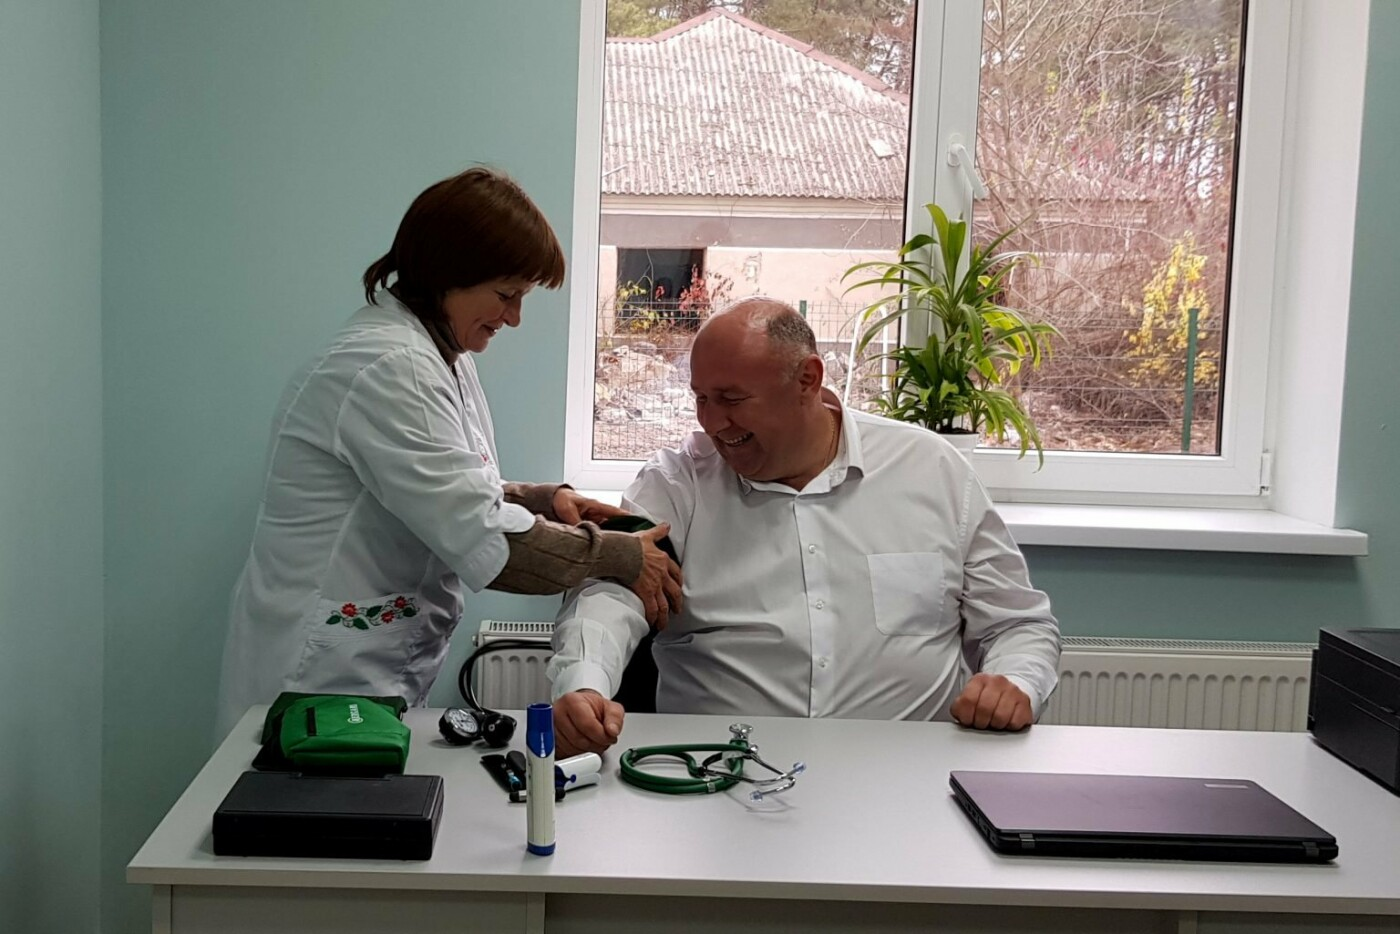 На Кам'янеччині відкрили нову амбулаторію сімейної медицини, фото-8, Фото: Хмельницька ОДА